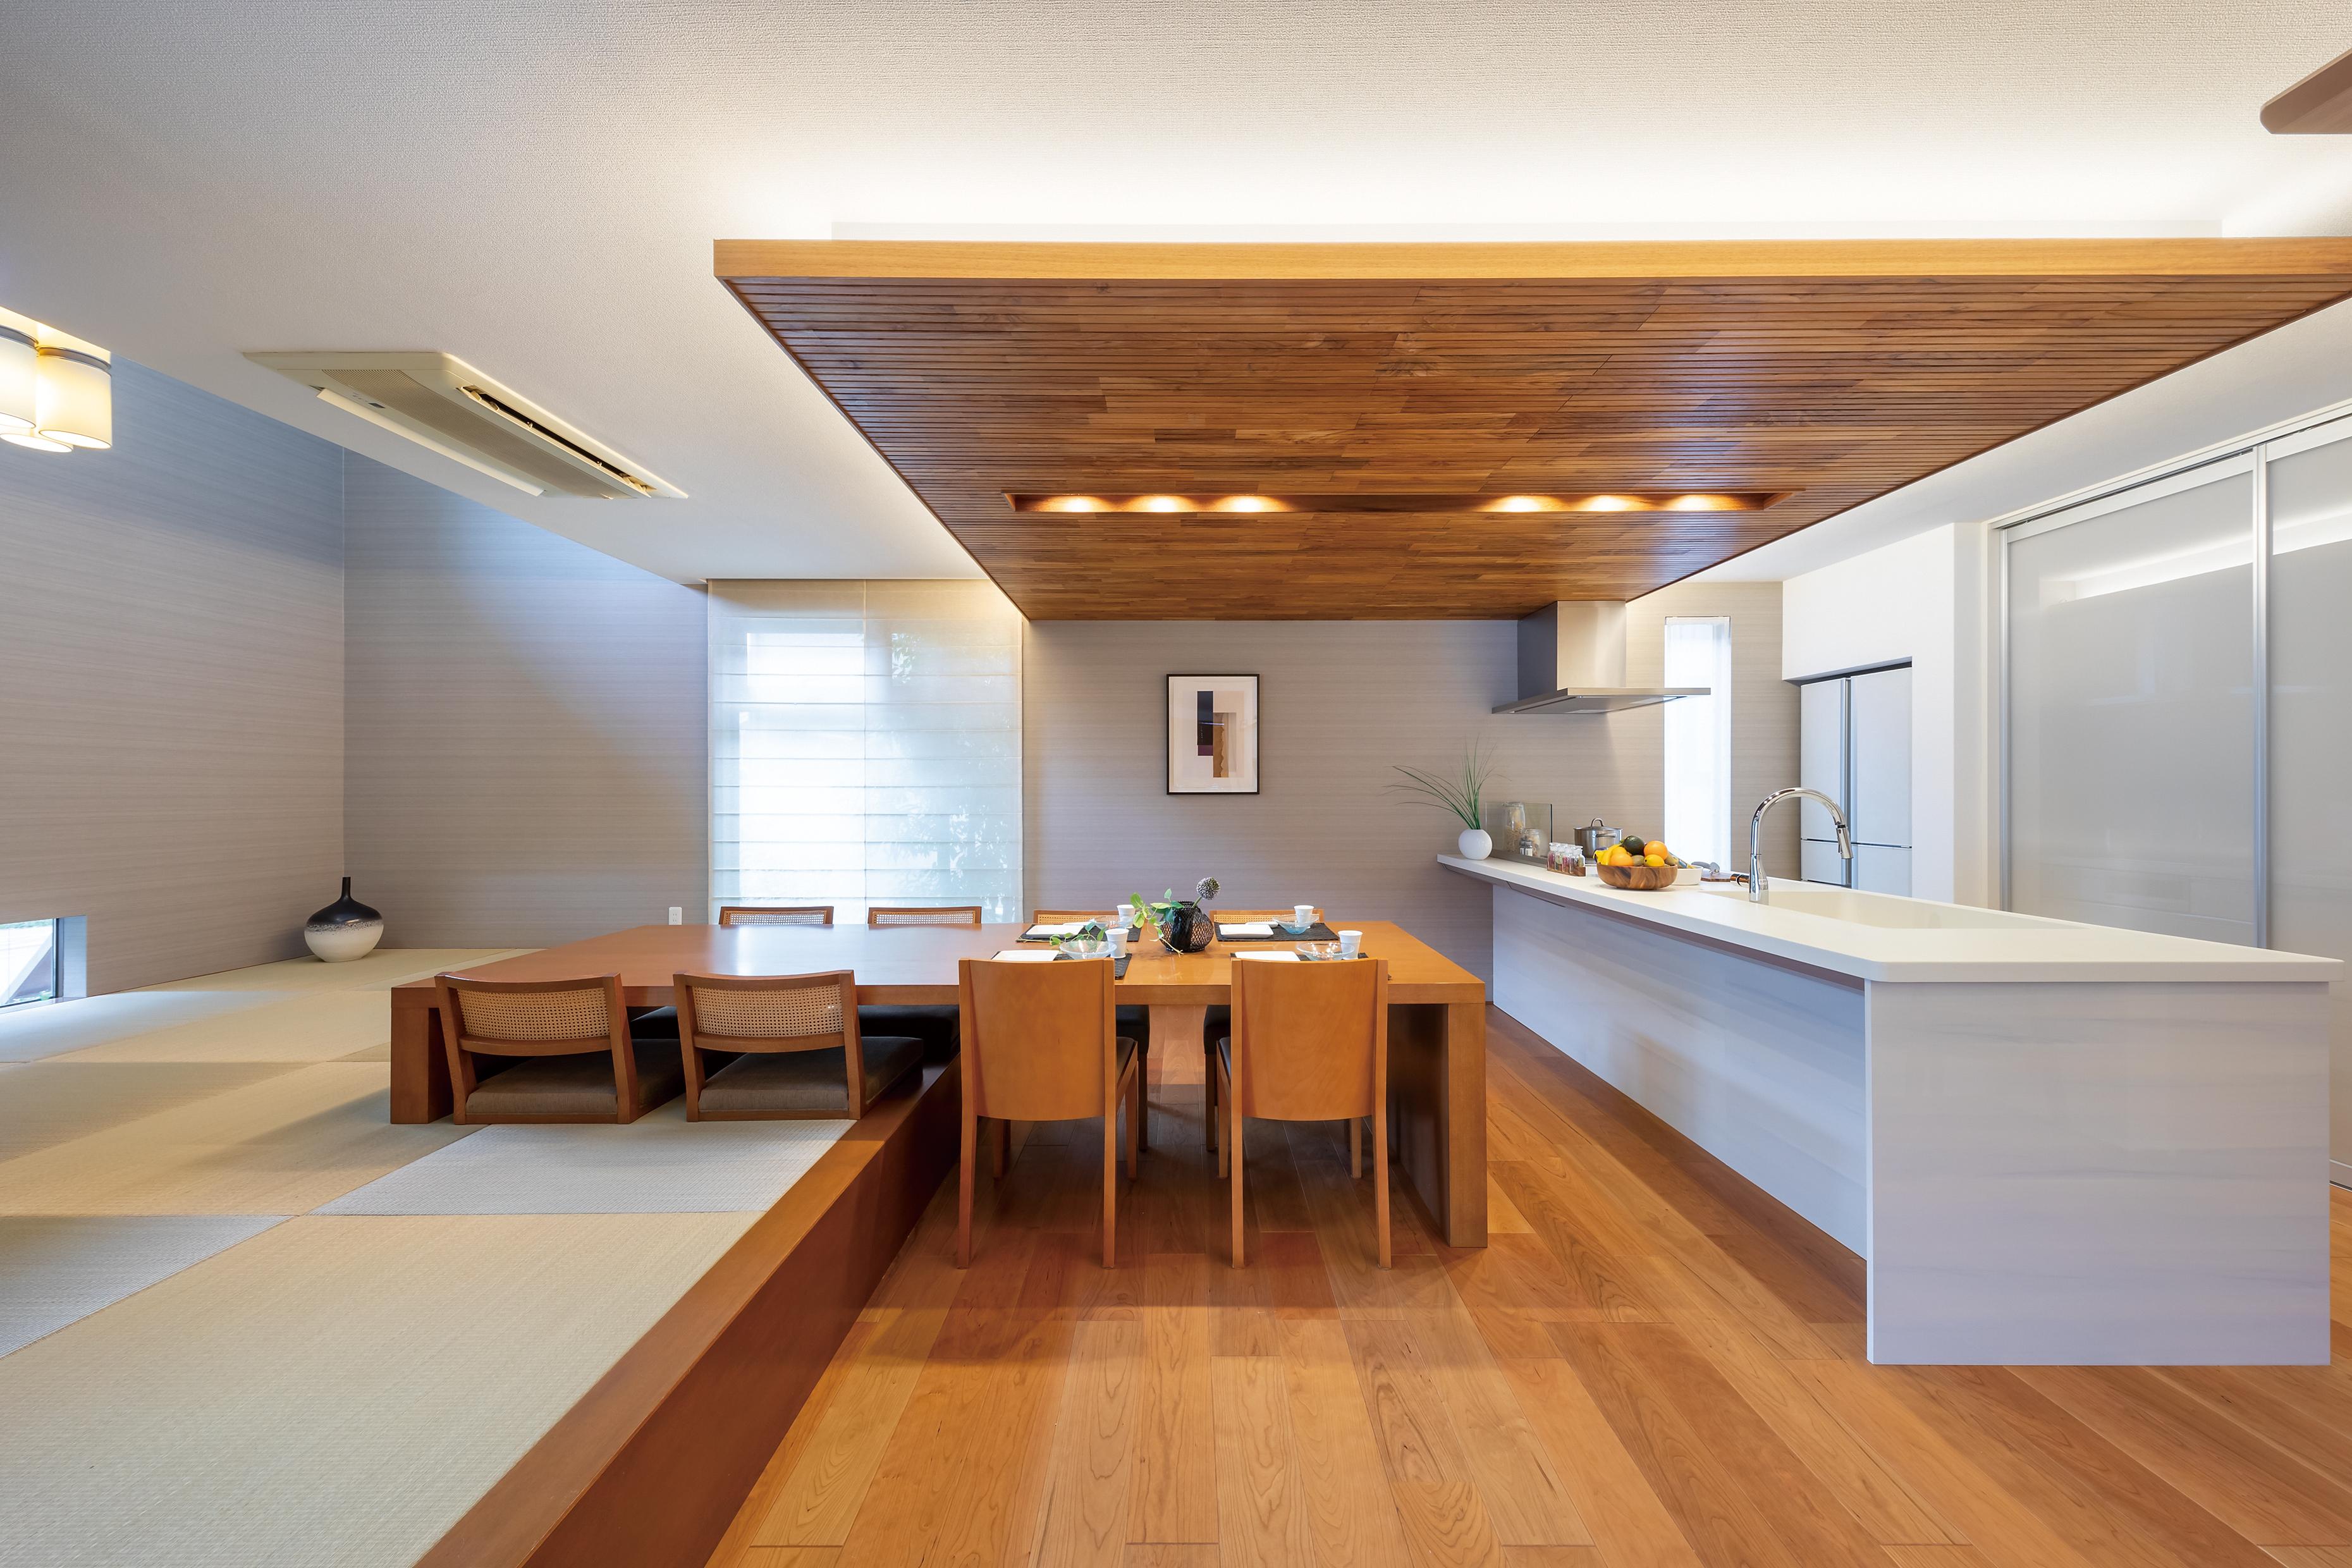 木の温もりがあふれる下がり天井は、空間にアクセントを加えます。間接照明からは、あたたかい光が。